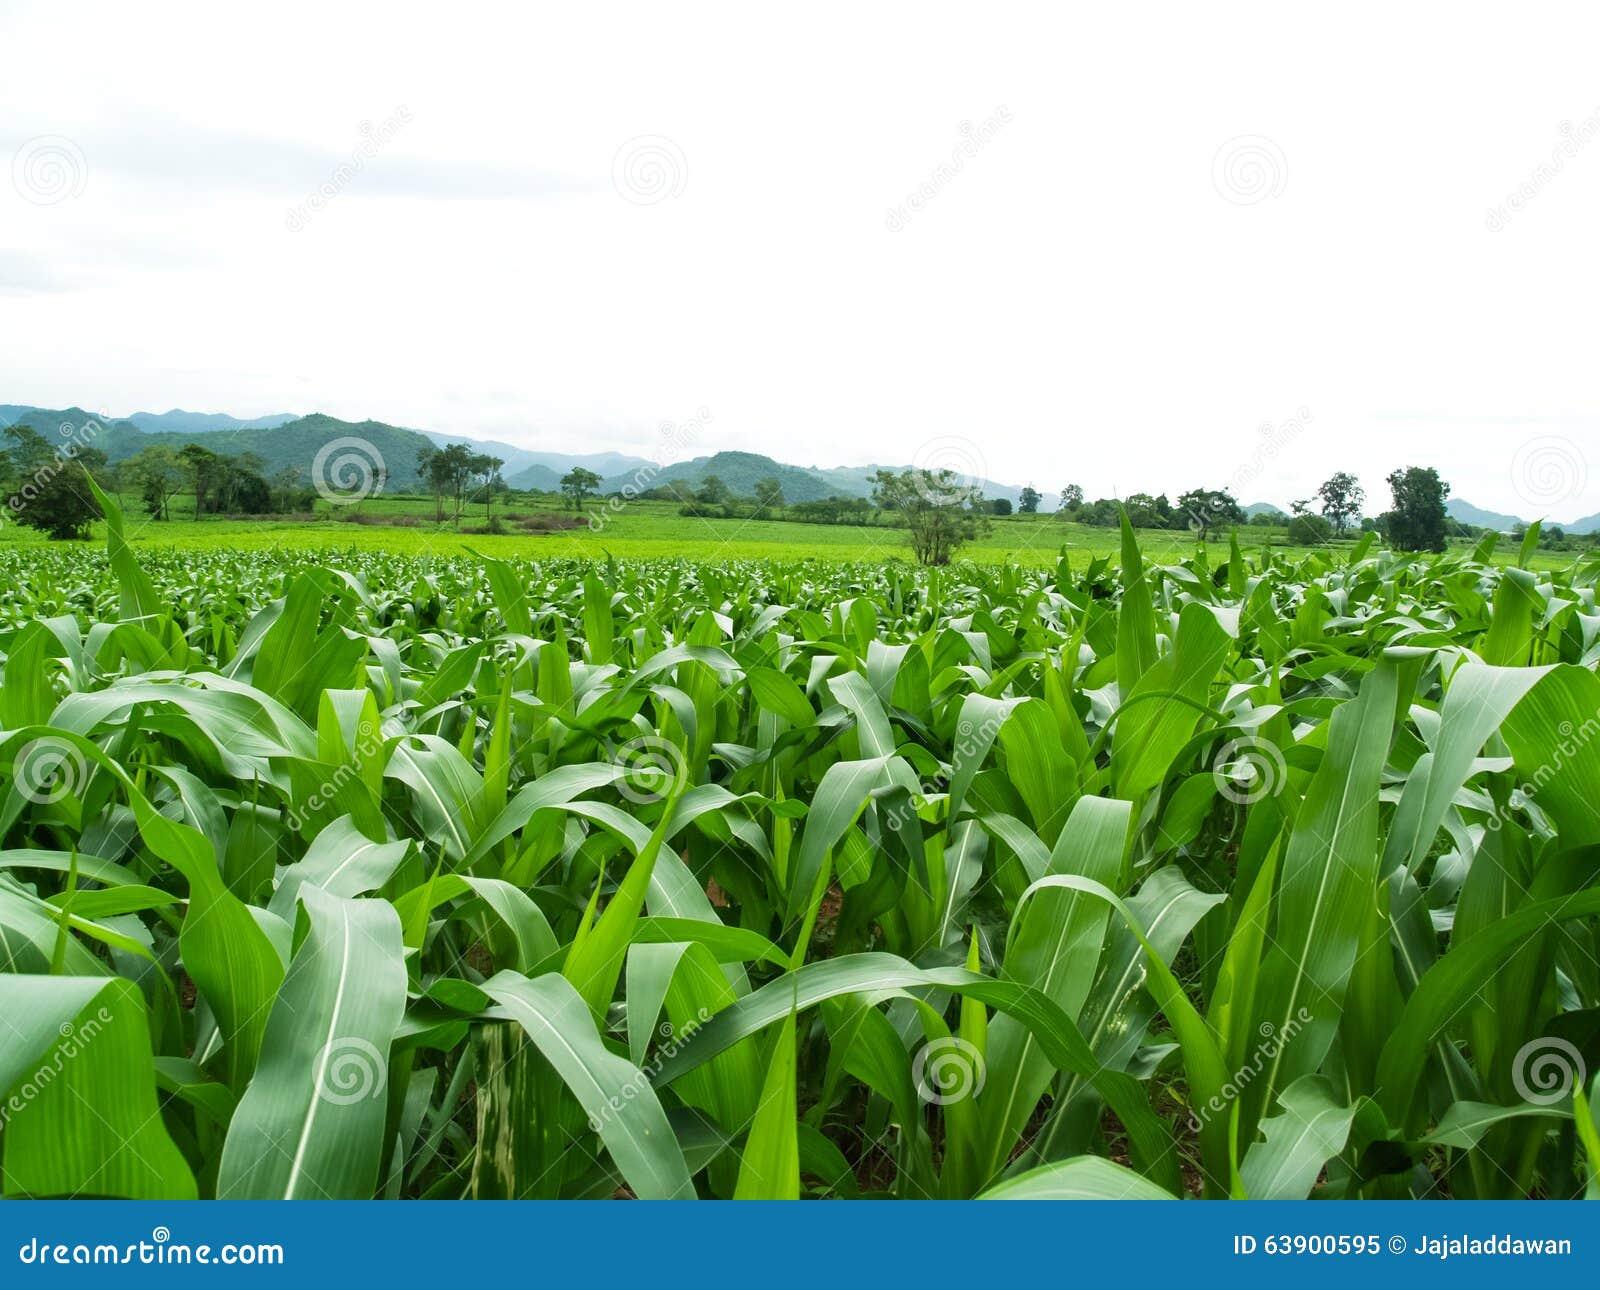 Campos de milho verde